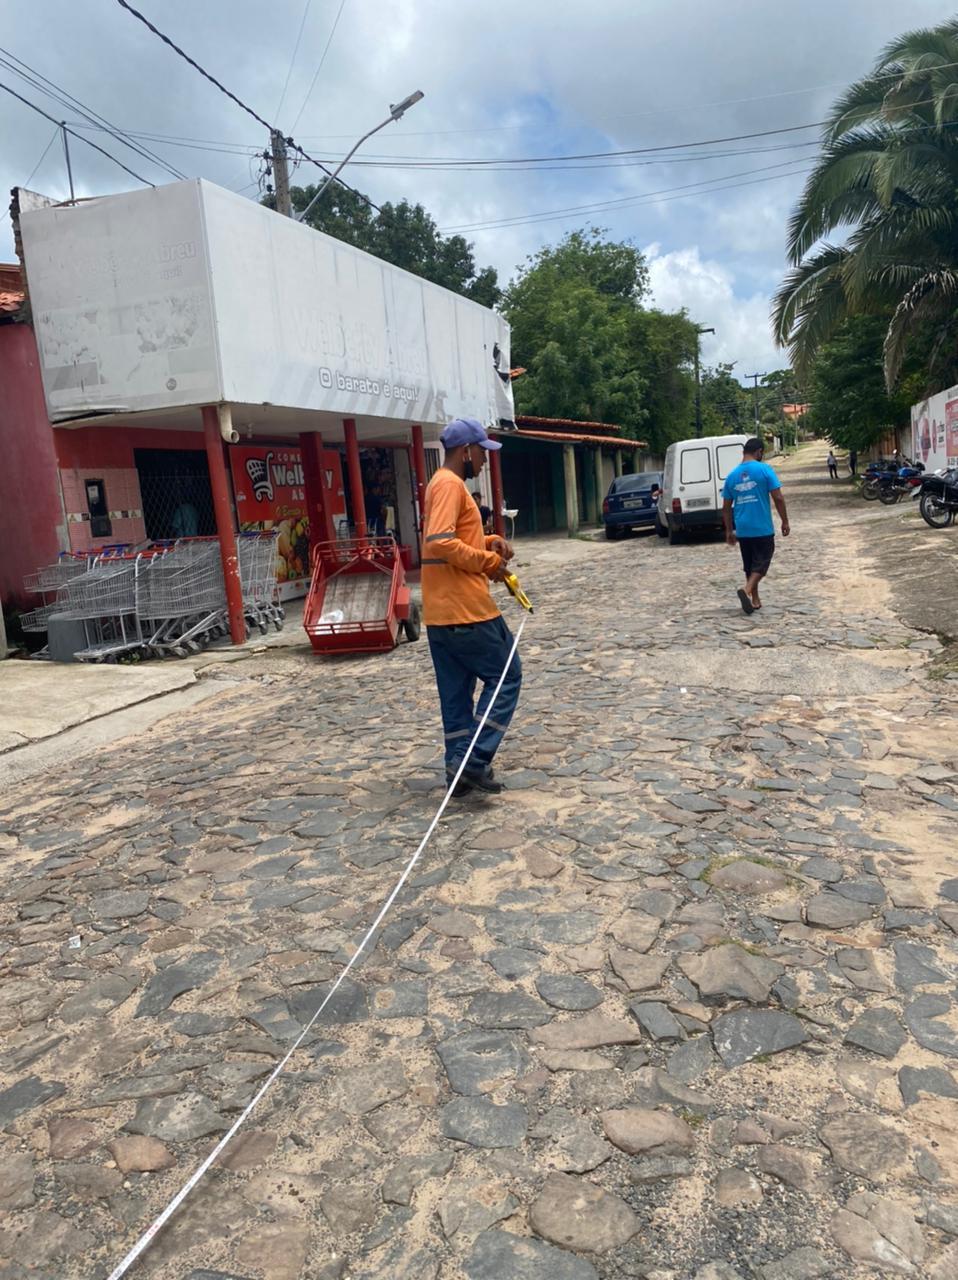 Prefeito João Luiz busca melhorias para Monsenhor Gil em Brasília, mas já temos obras em execução na parte da mobilidade urbana - Imagem 2